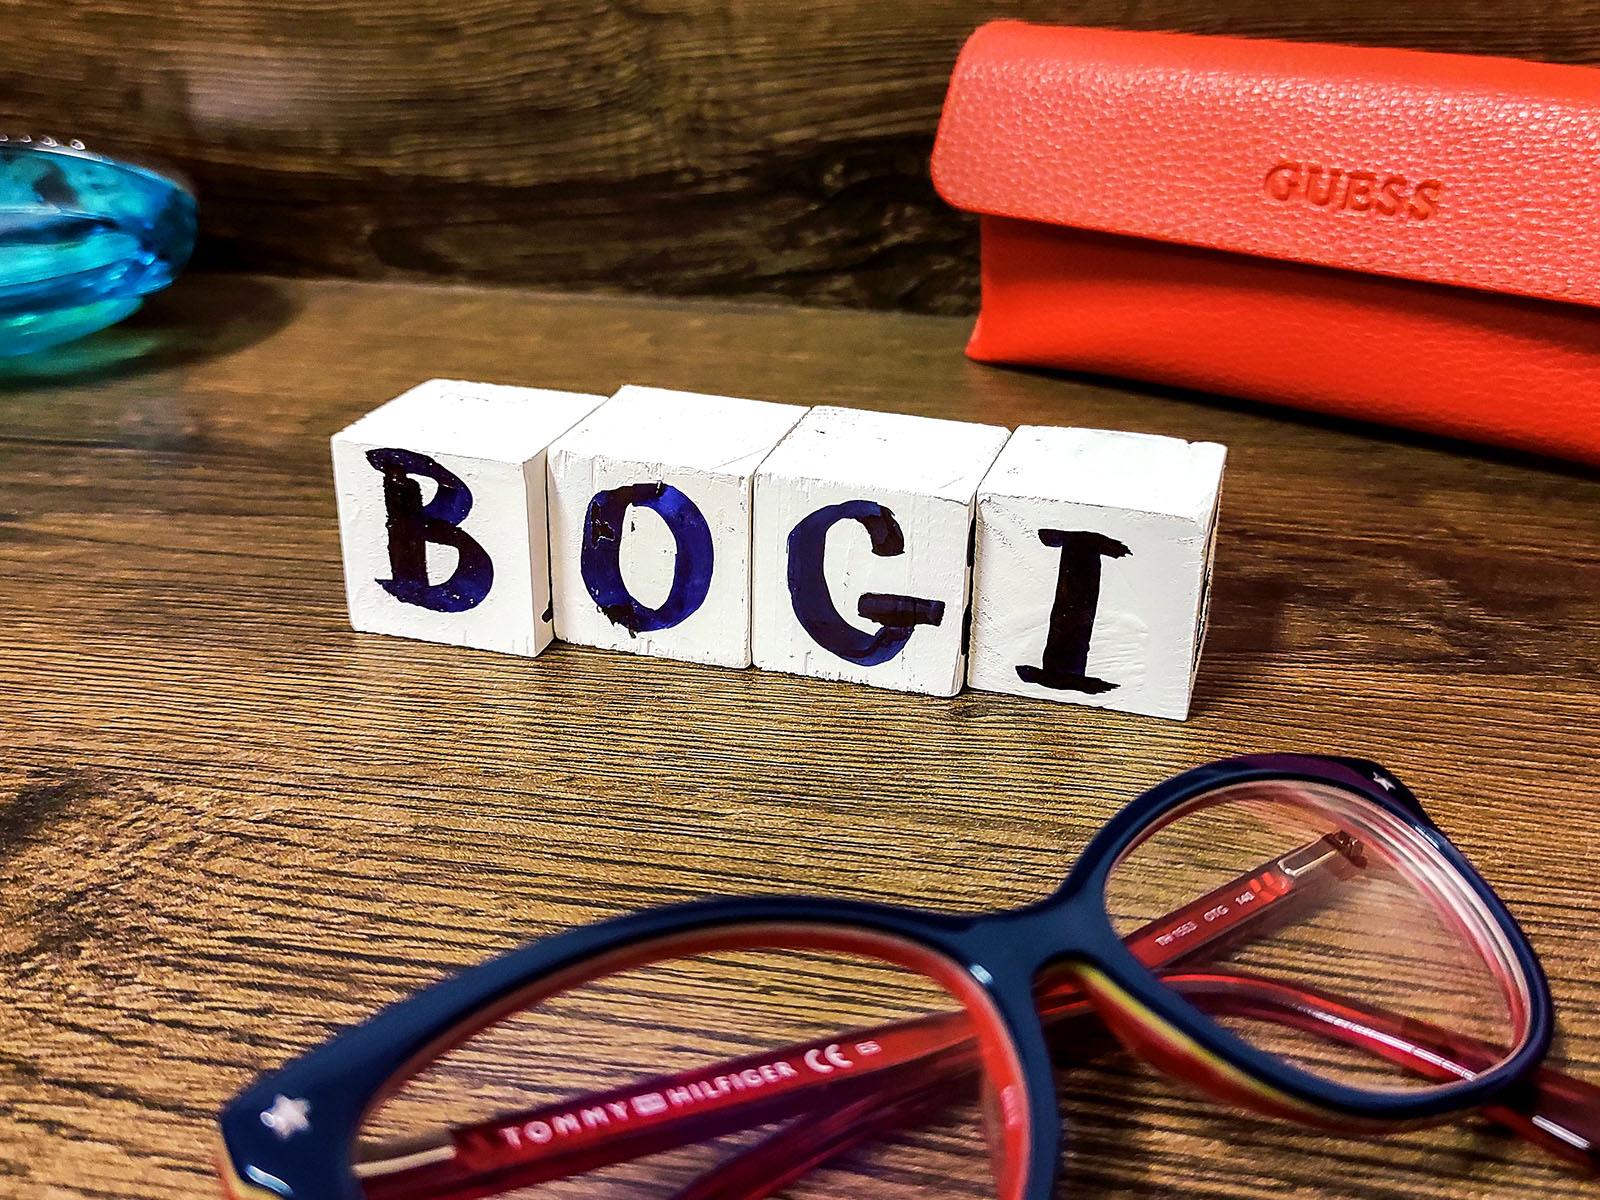 Bogi nagy örömmel fogadta a kocka dekorbetűket, melyet rögtön ki is rakott az éjjeliszekrényre!